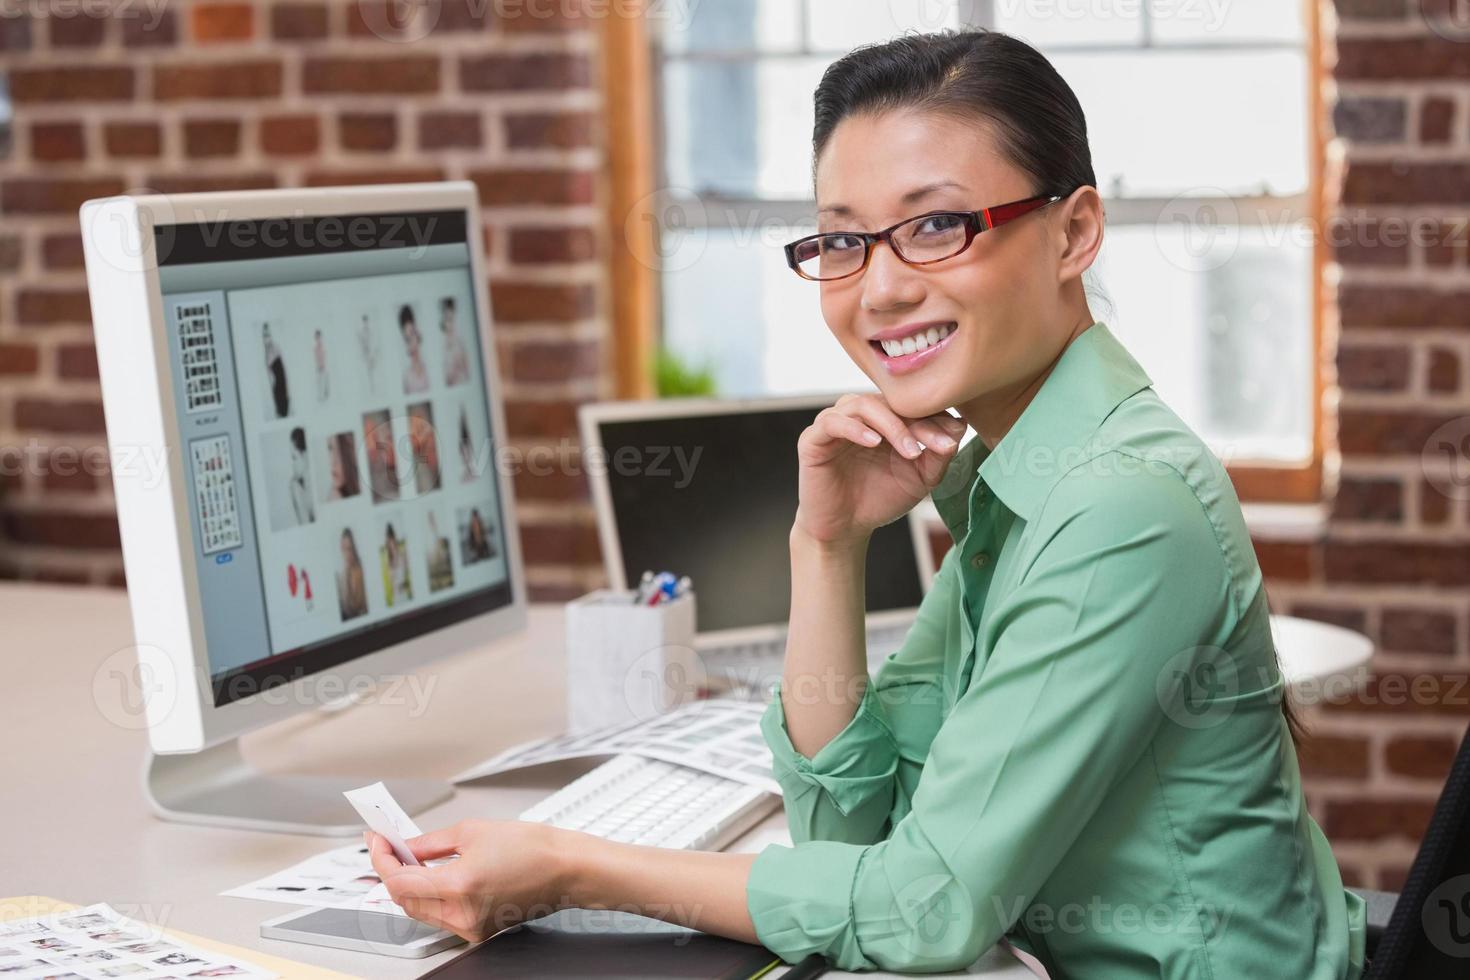 redattore di foto femminile sorridente che utilizza computer nell'ufficio